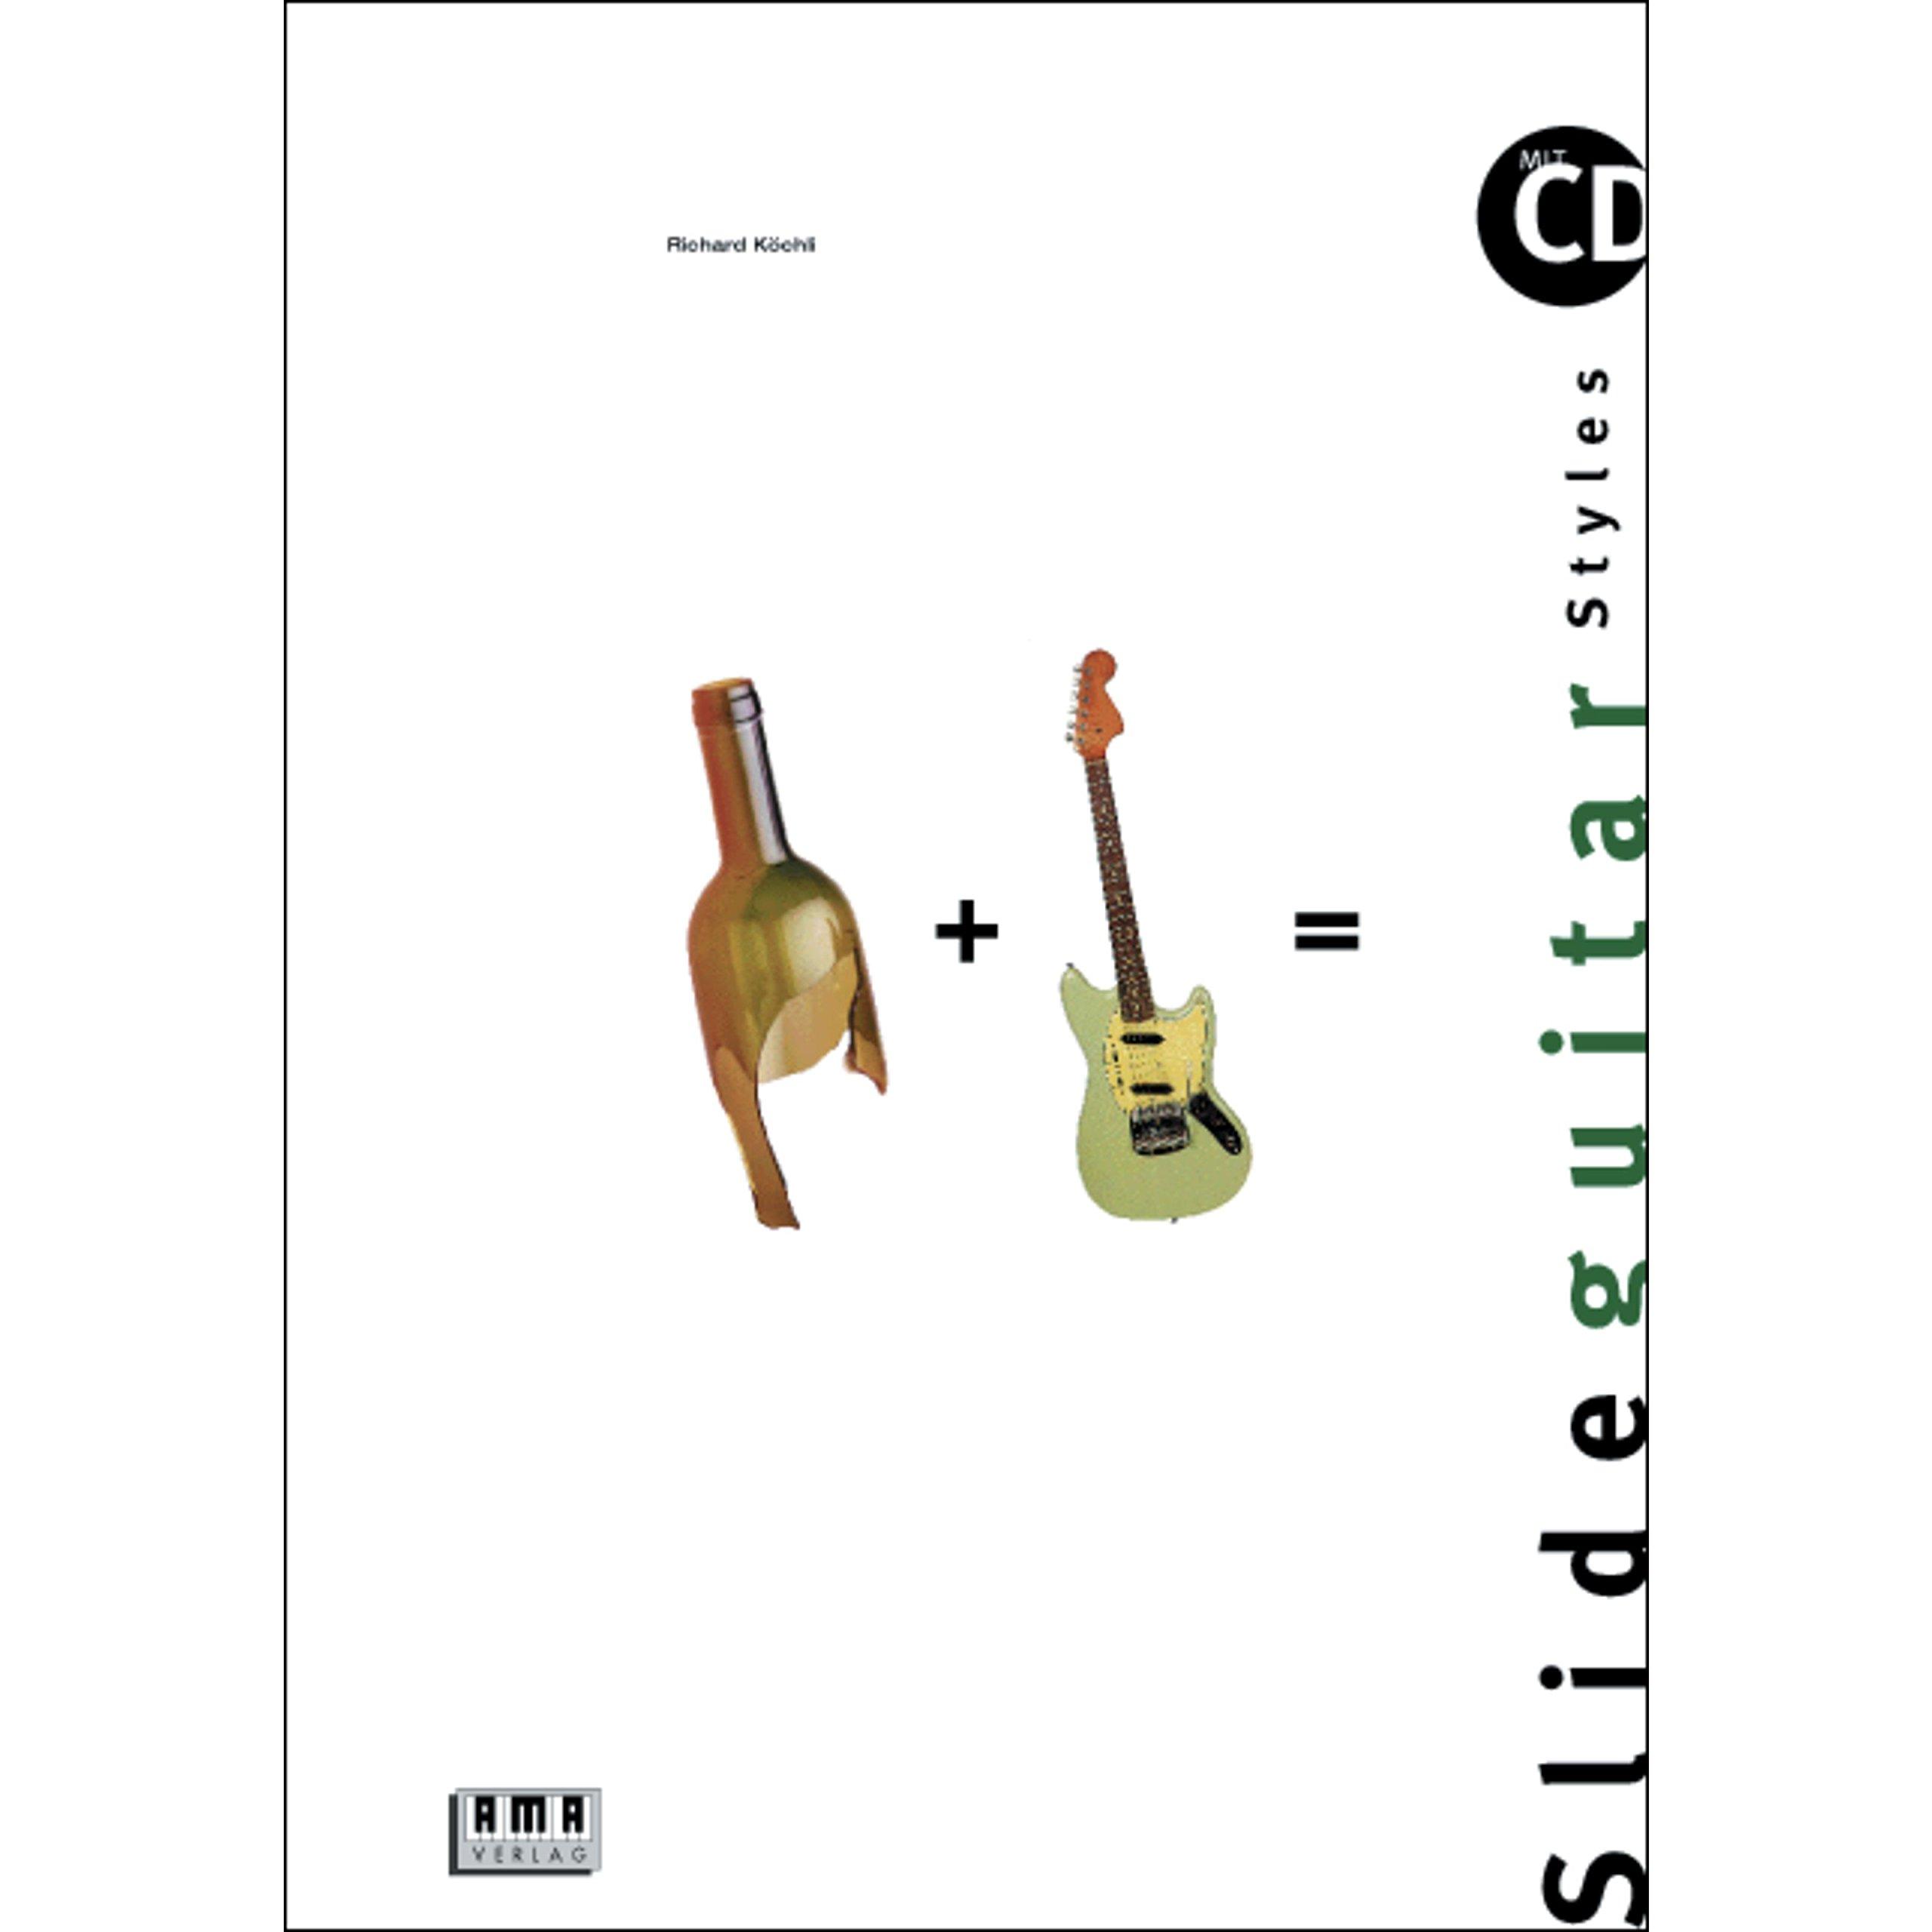 slide-guitar-styles-gitarre